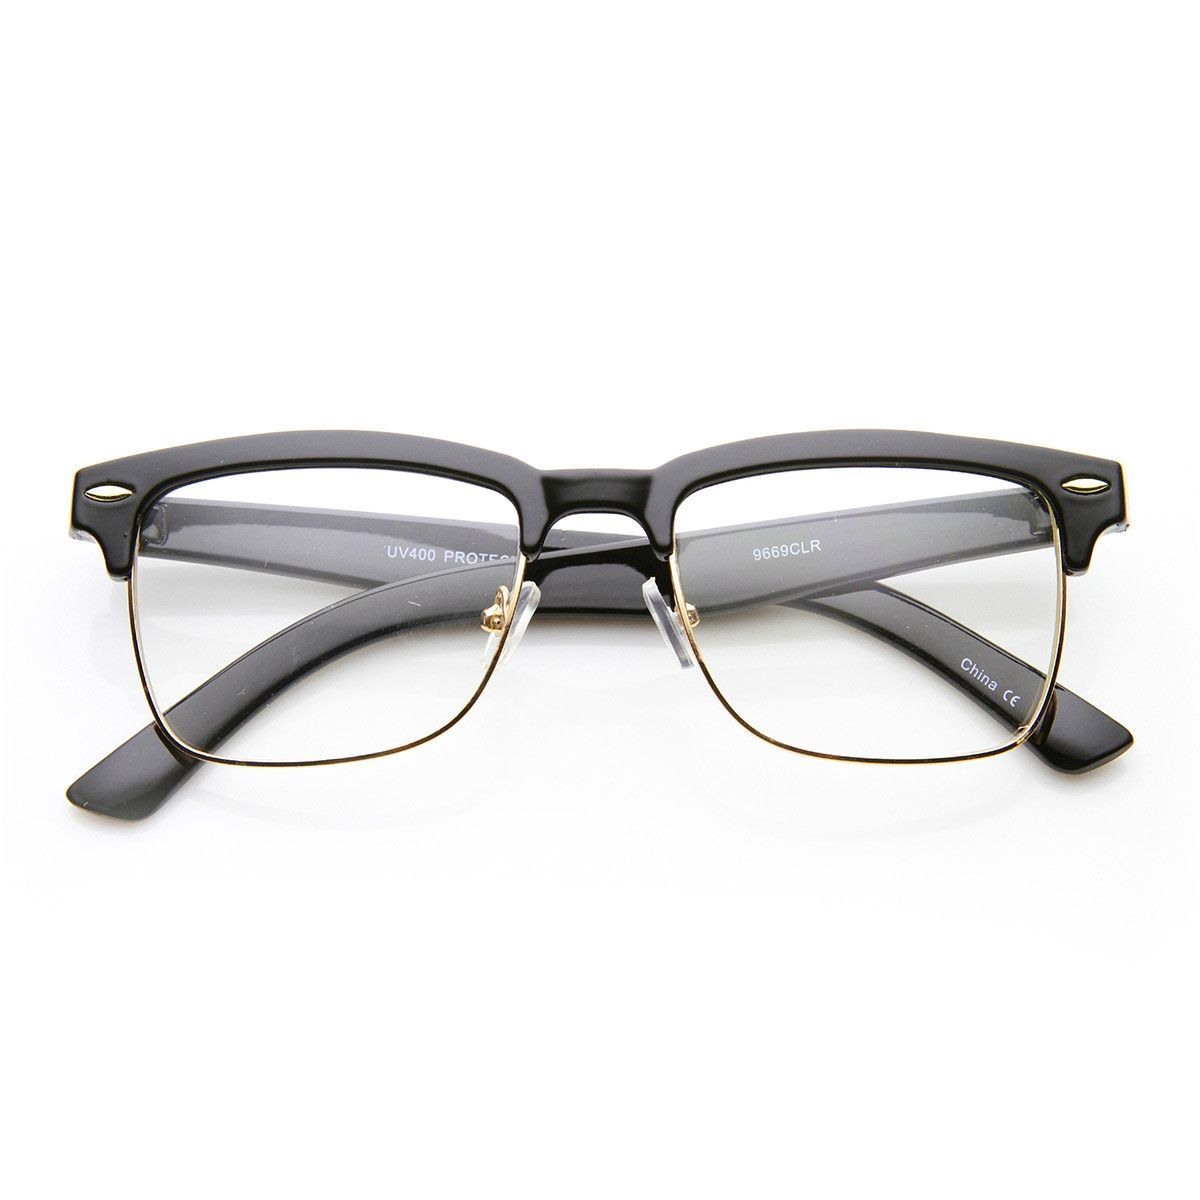 unisex square medium semirimless modern fashion glasses  modern  - unisex square medium semirimless modern fashion glasses